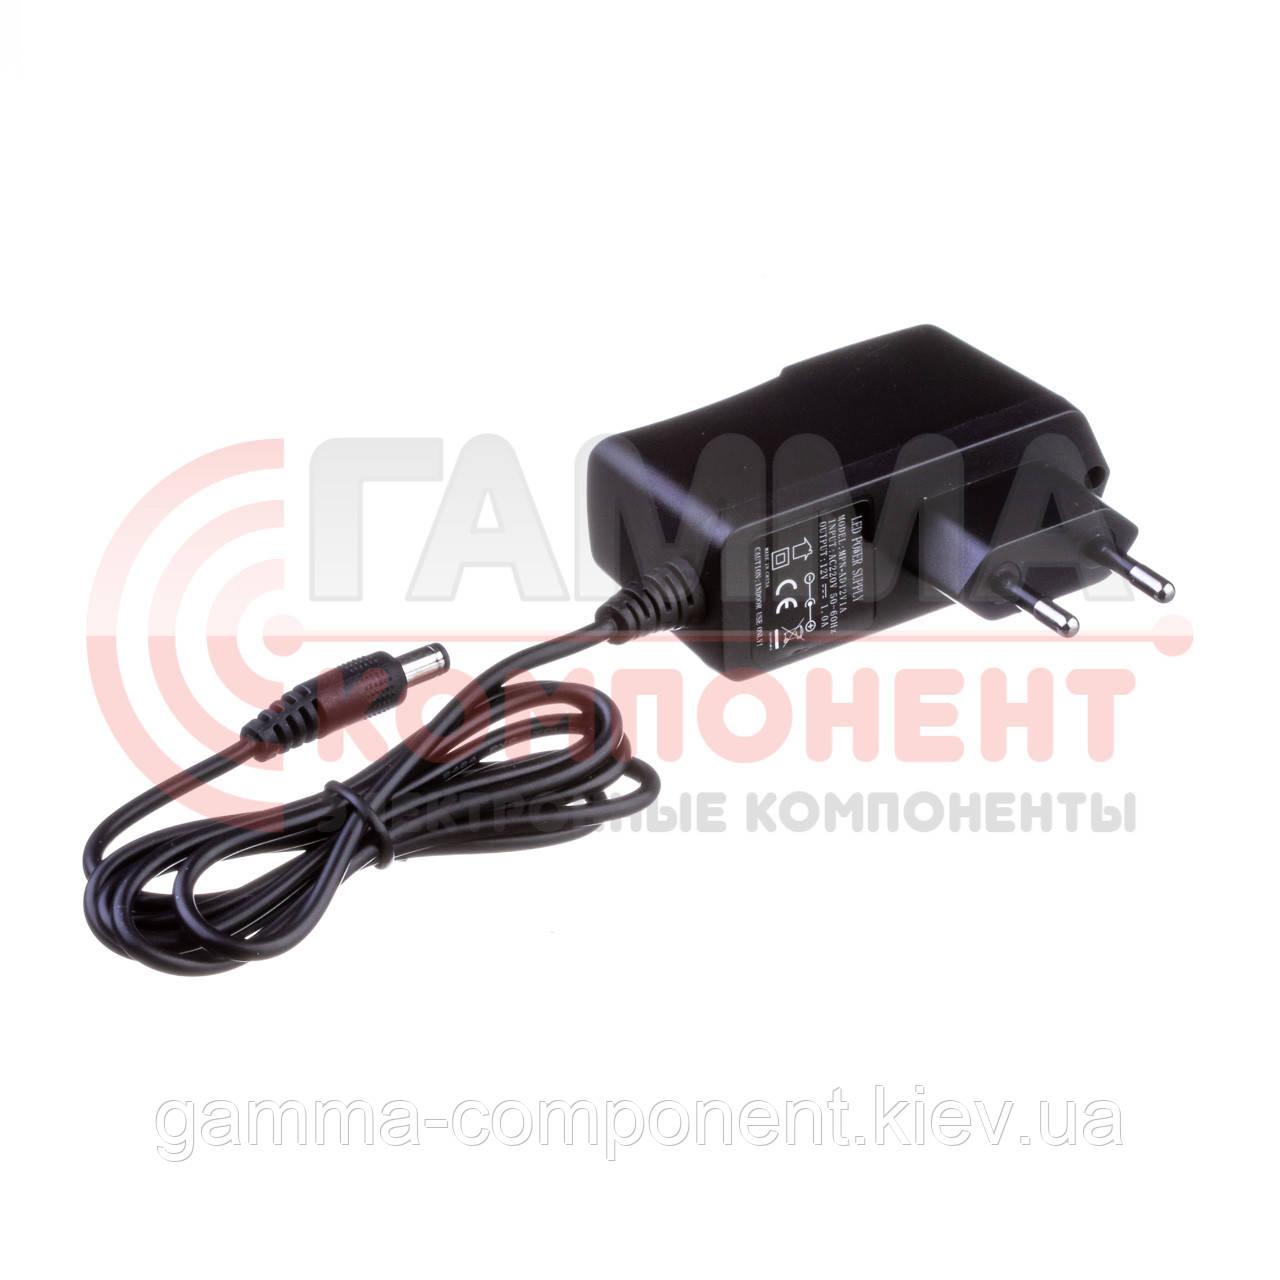 Блок питания 12В 1А 12Вт с кабелем питания (розеточный) IP20